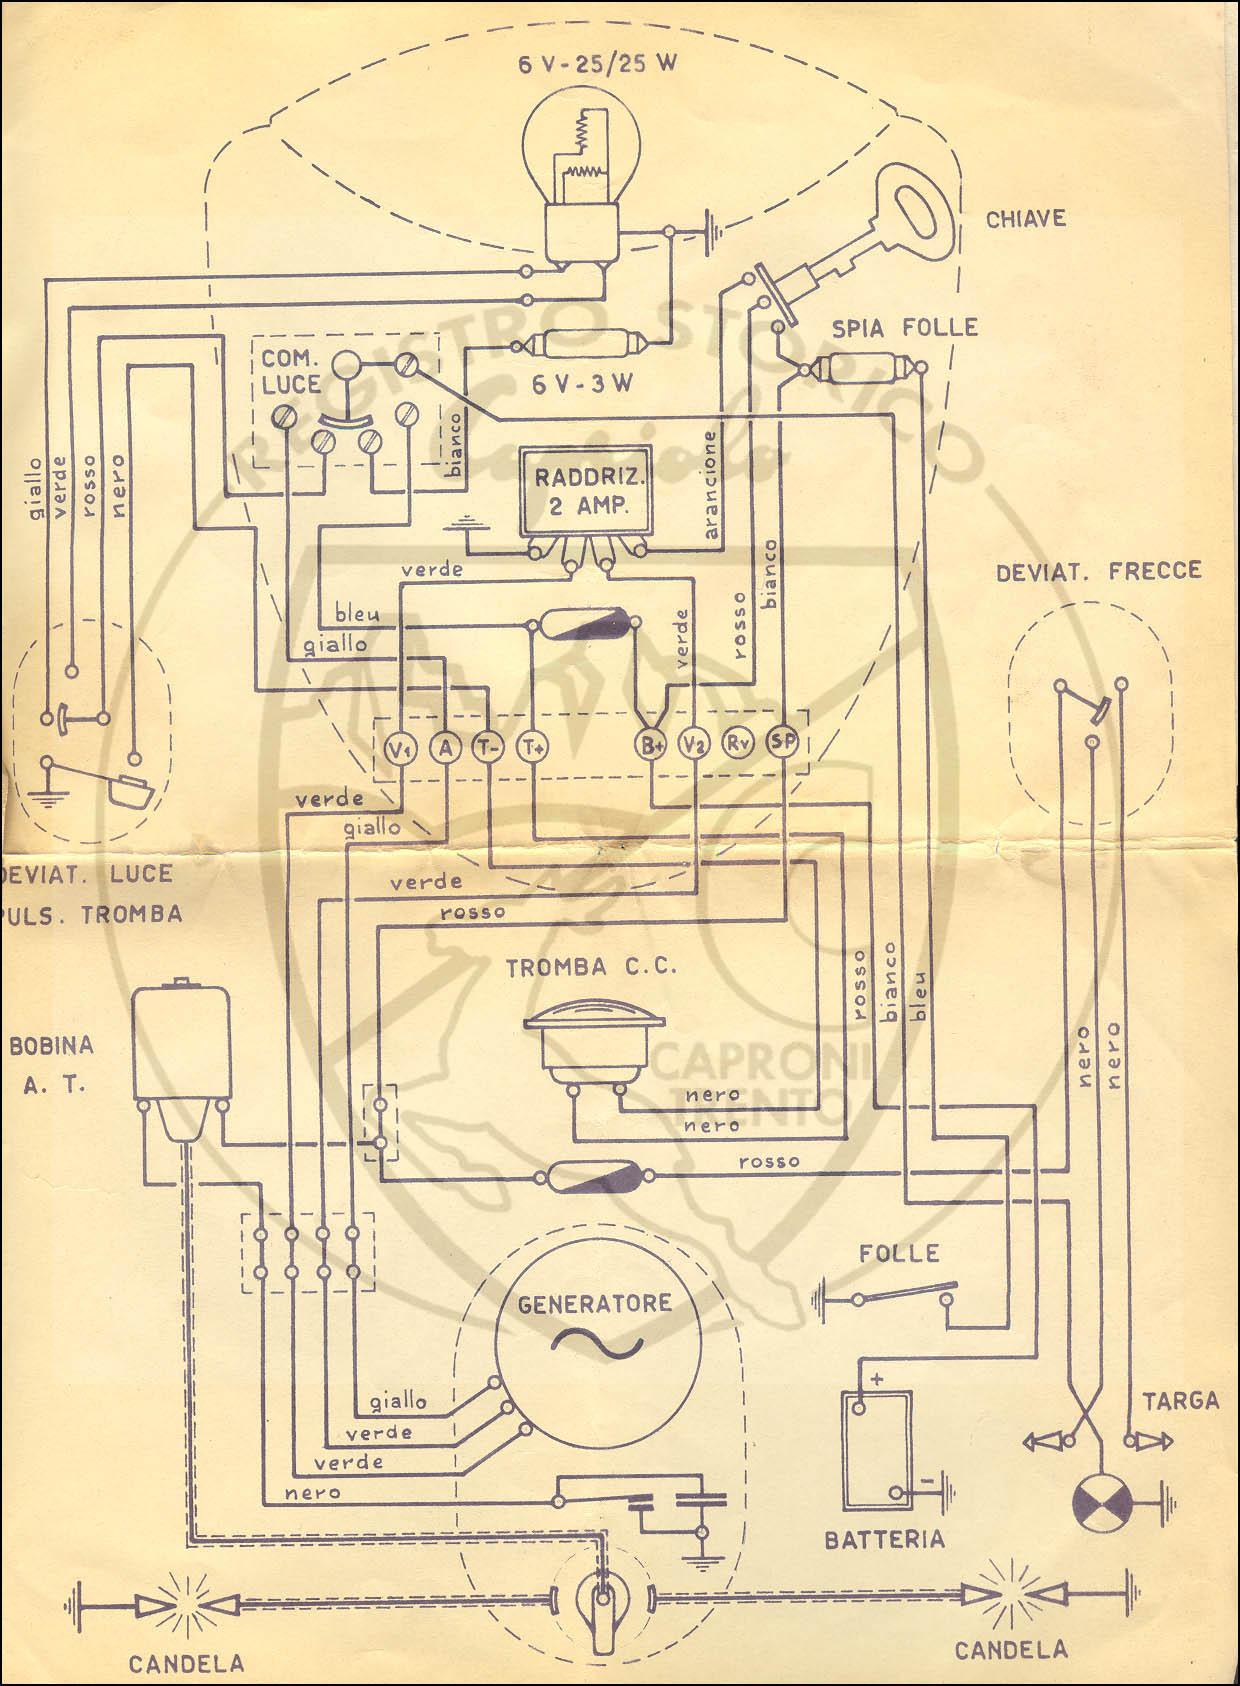 Wiring Diagram Moreover 1973 Amc Javelin Wiring Diagram On Moto Guzzi